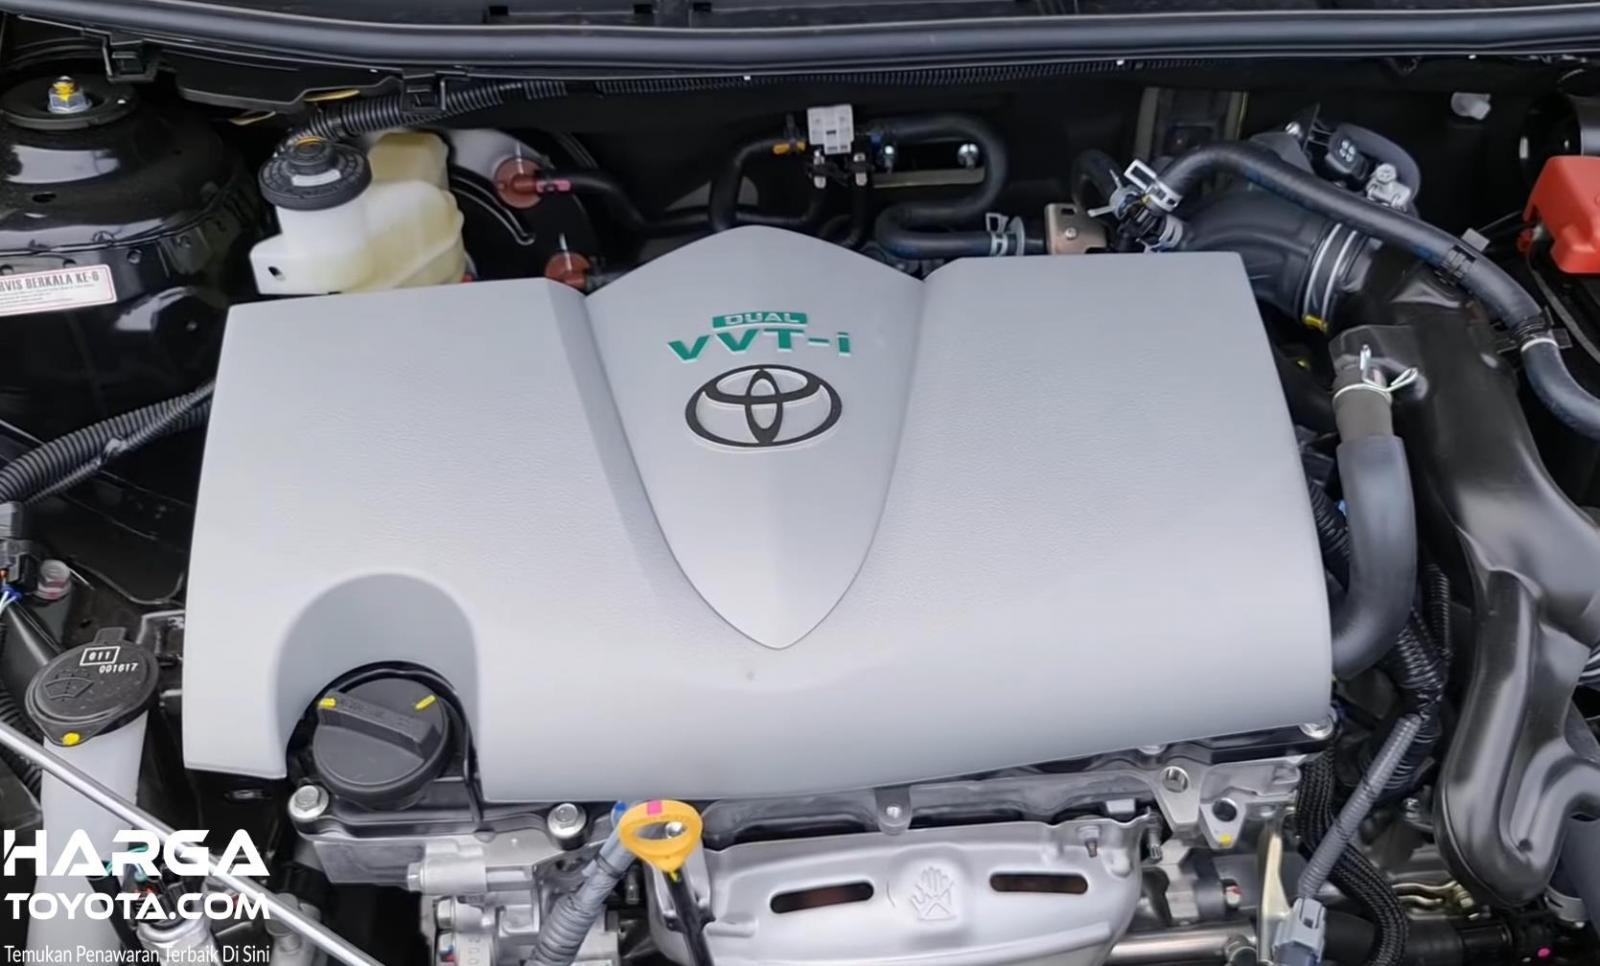 Gambar ini menunjukkan mesin mobil Toyota Vios